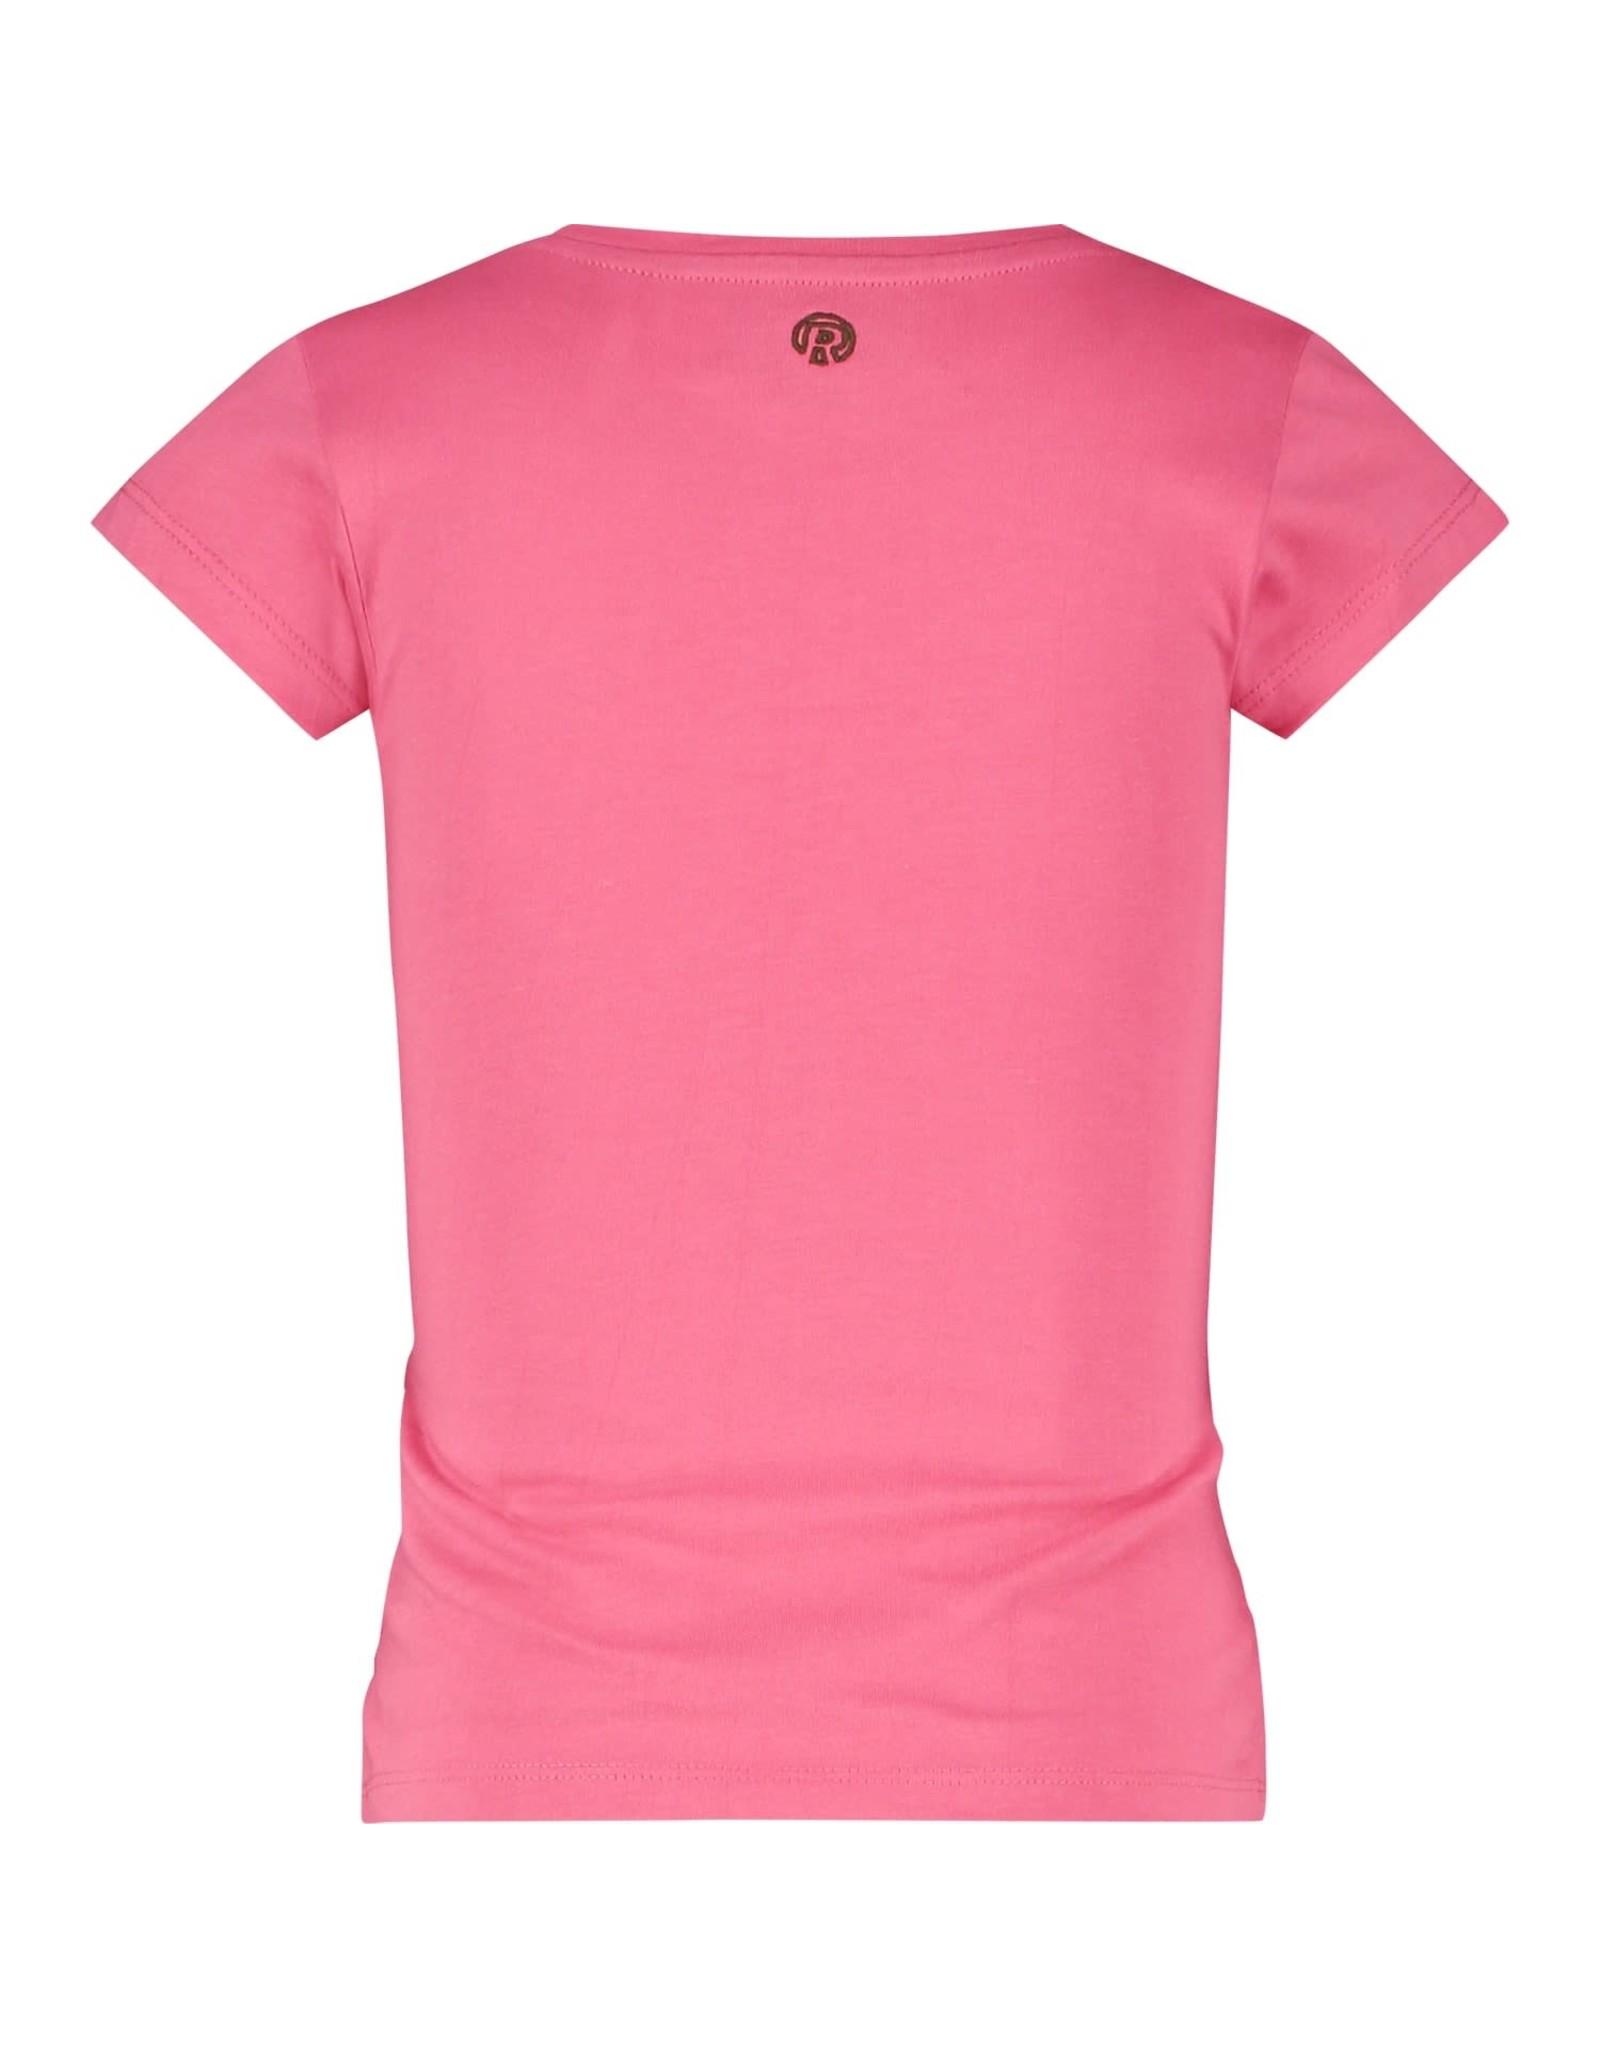 Raizzed Raizzed meiden t-shirt Honolulu Fusion Pink